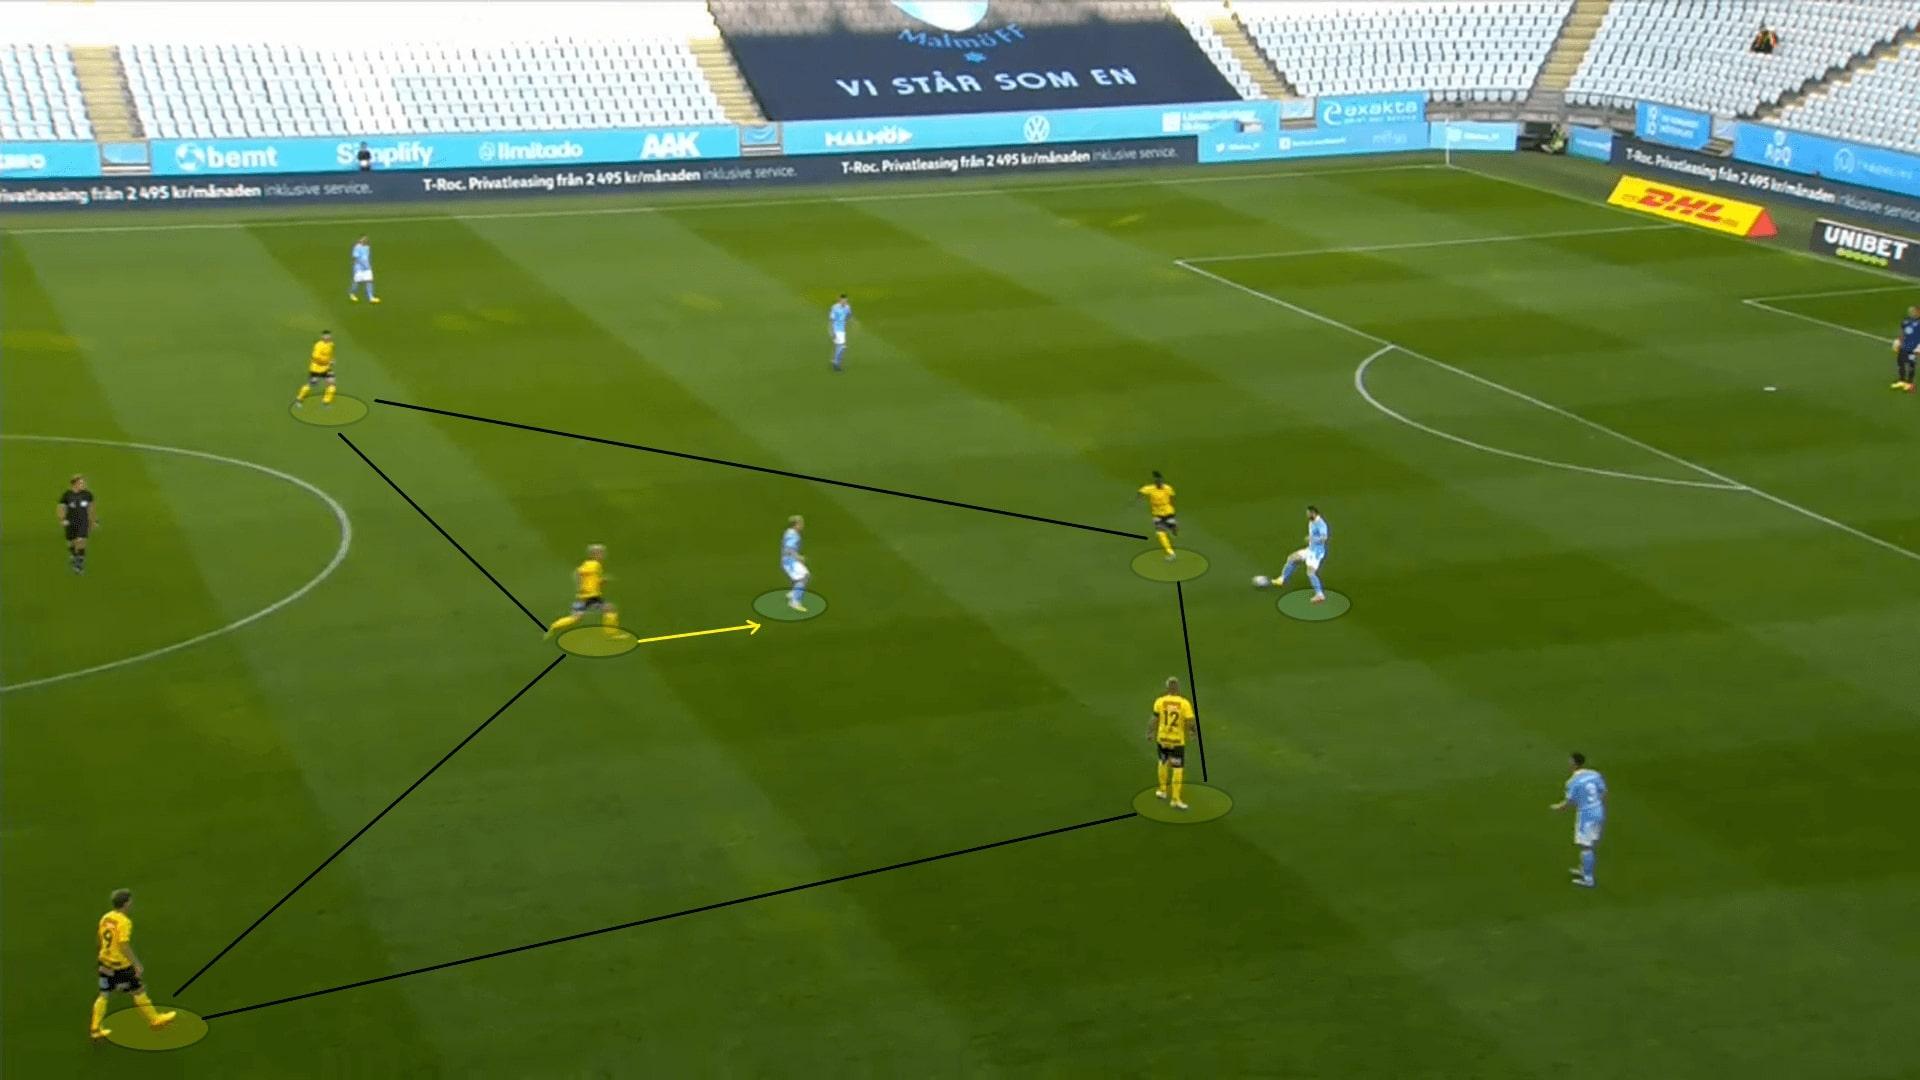 Allsvenskan 2020: Malmo FF vs Mjallby AIF - tactical analysis tactics